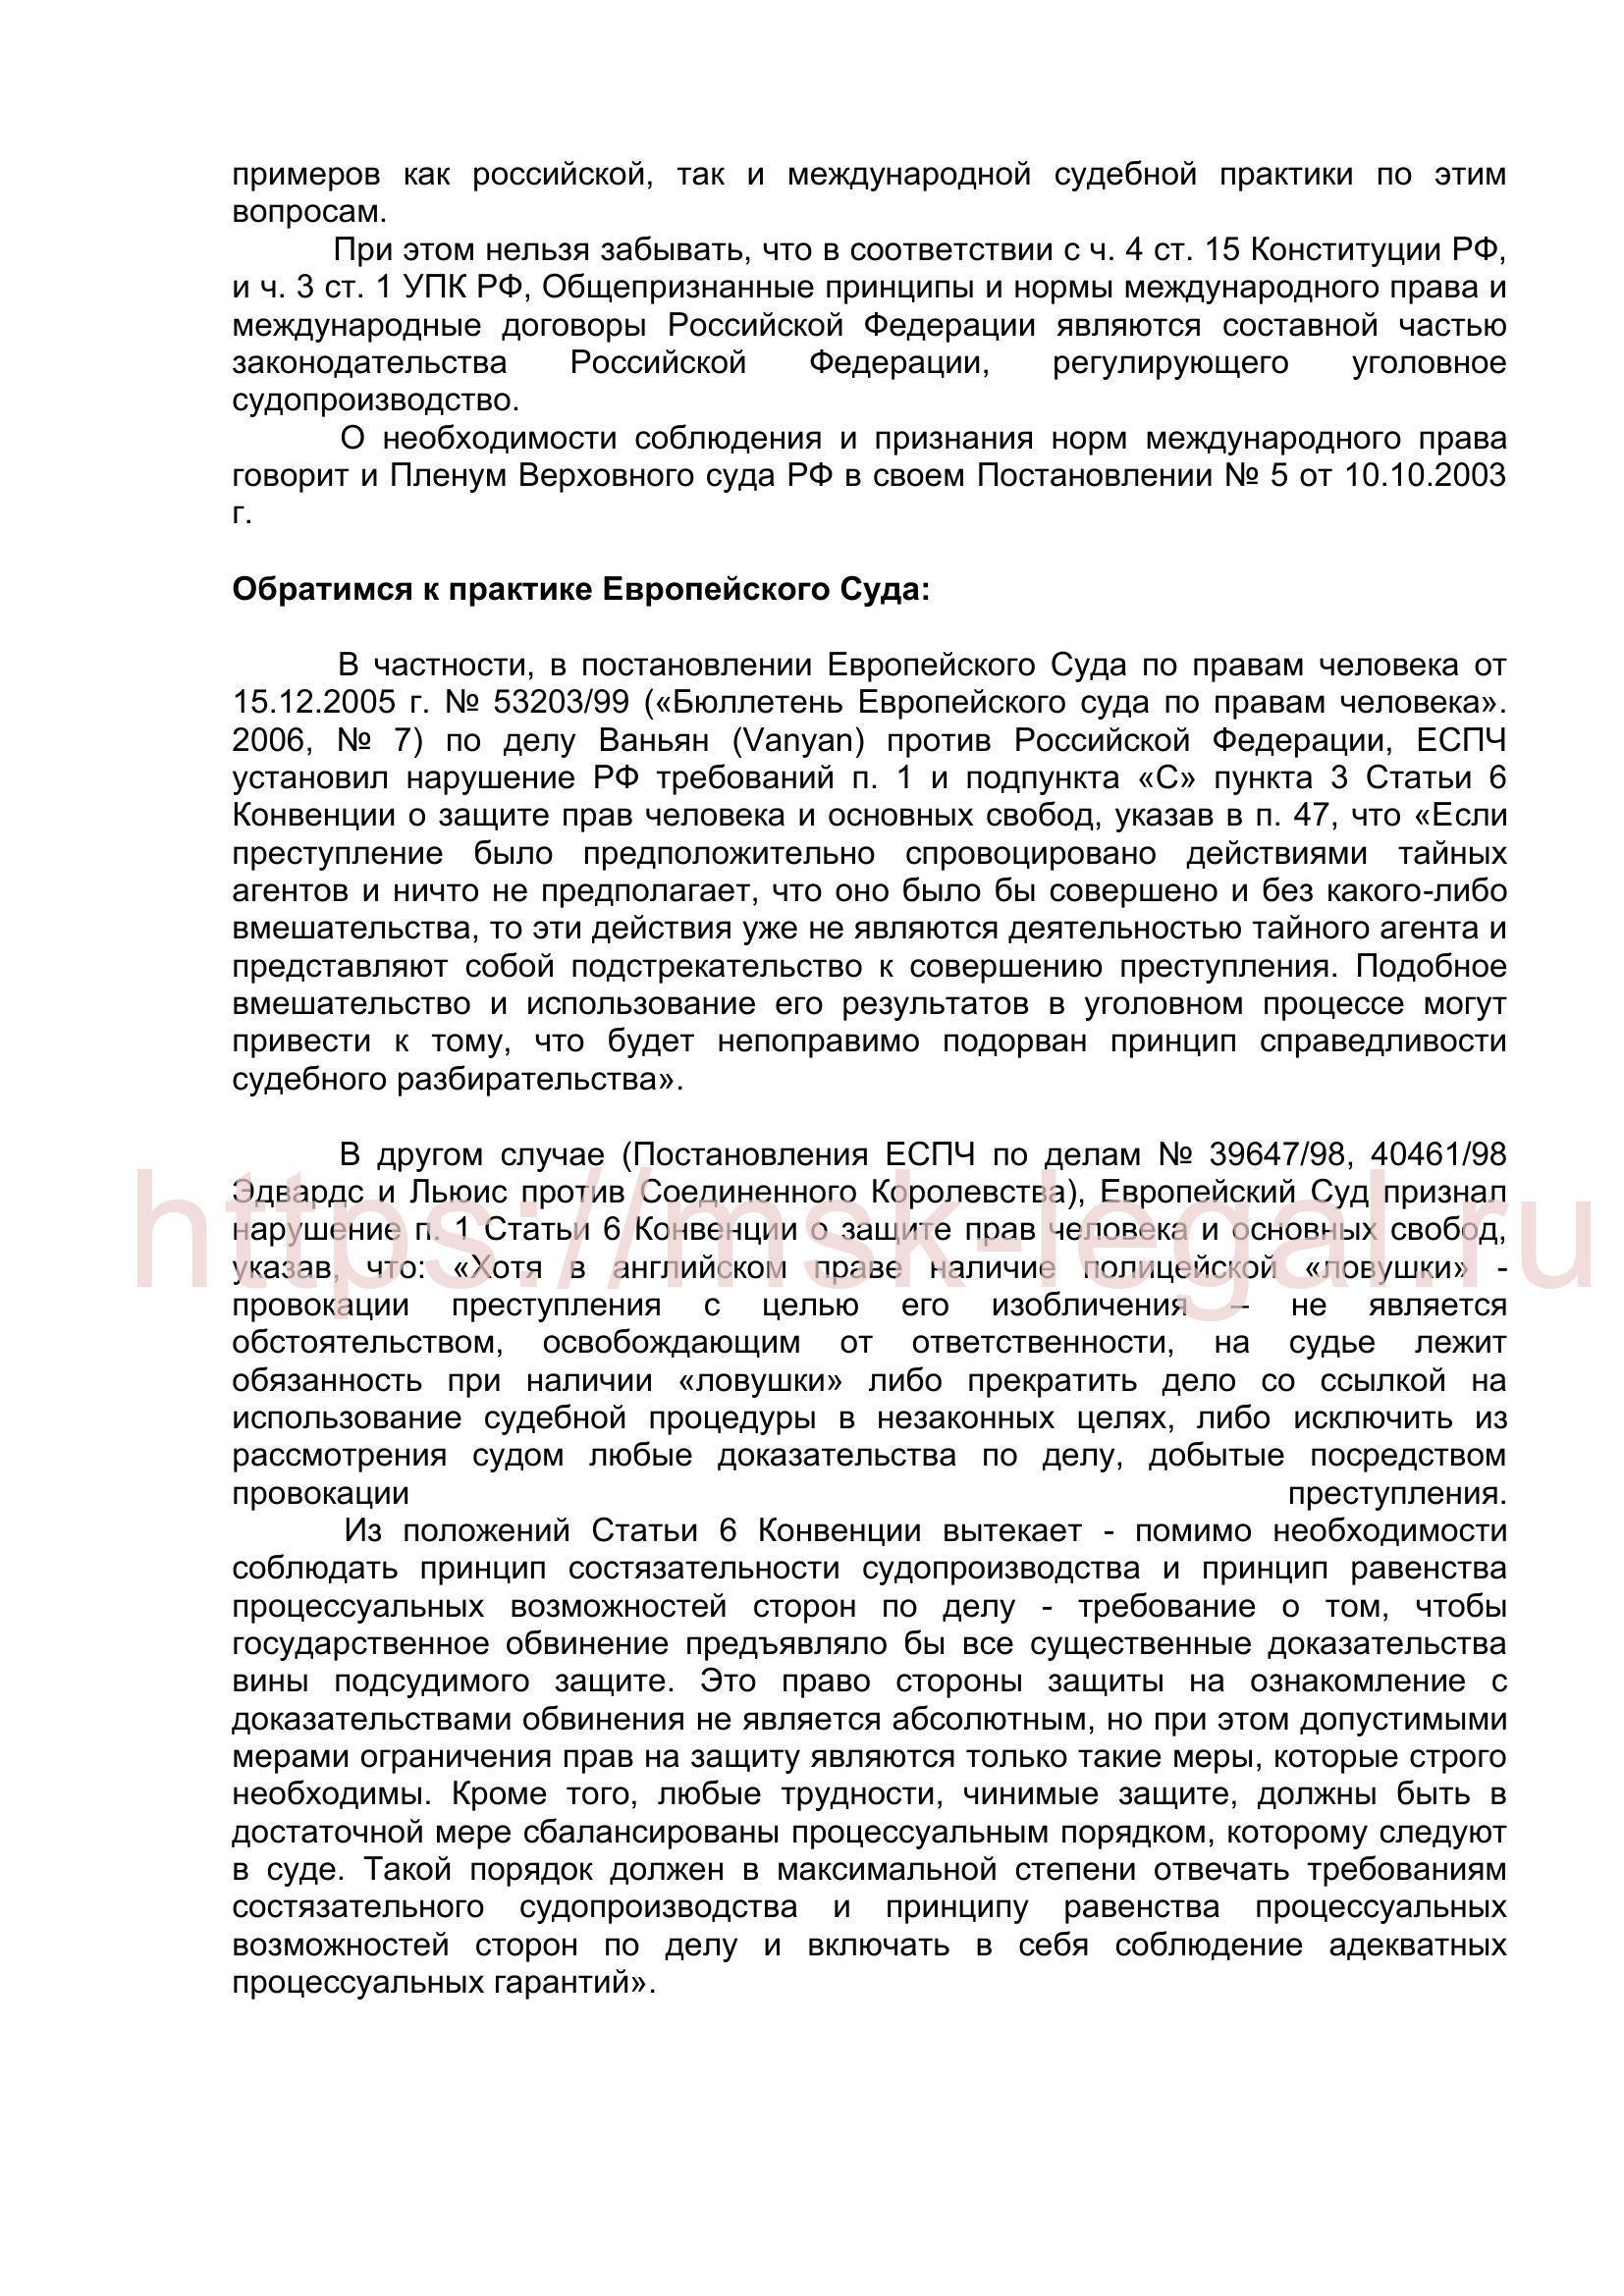 Речь защитника об оправдании подсудимого по ст. 159 УК РФ